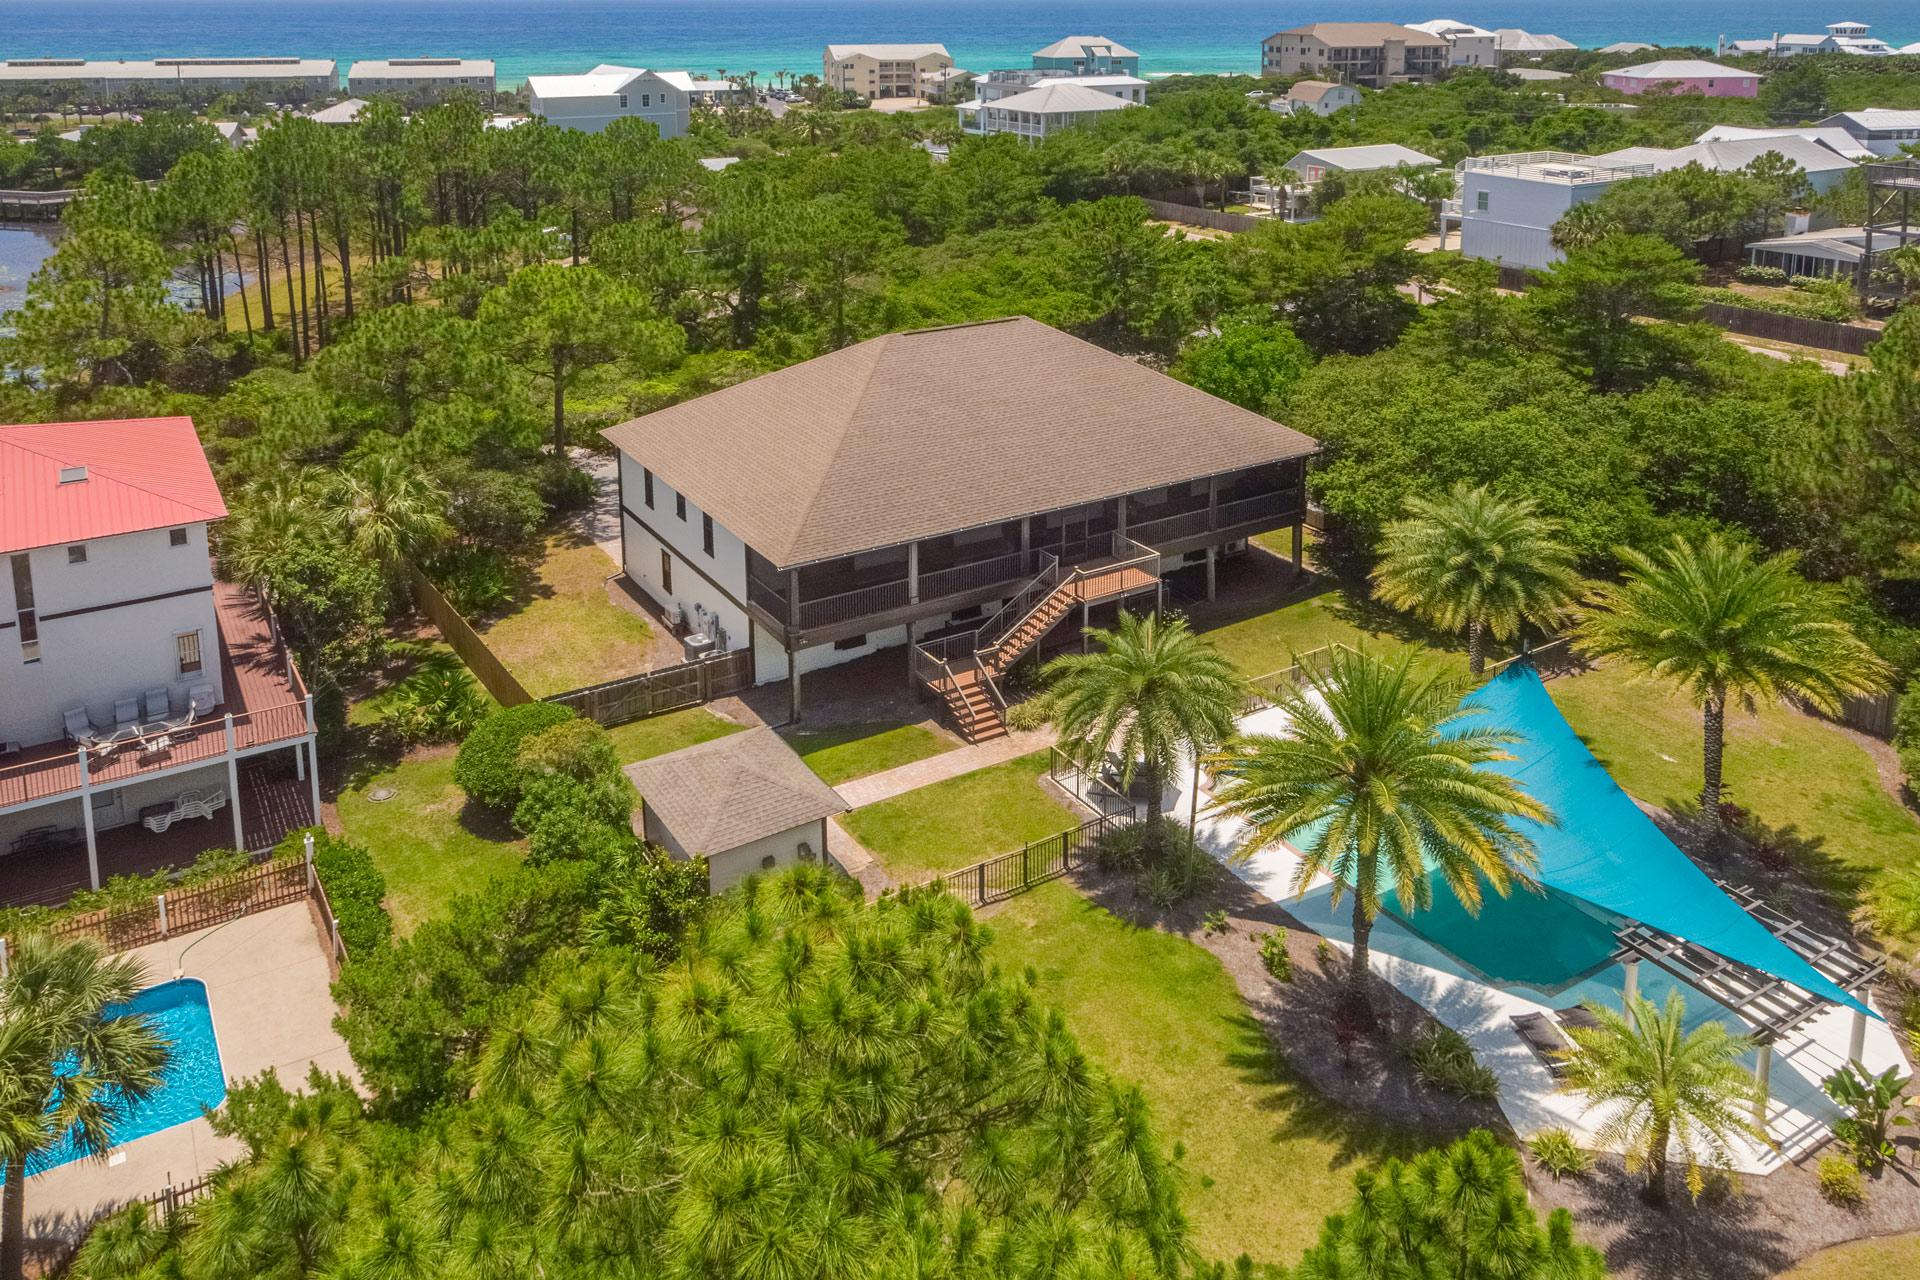 Crawdaddy's Casa 30A Vacation Home